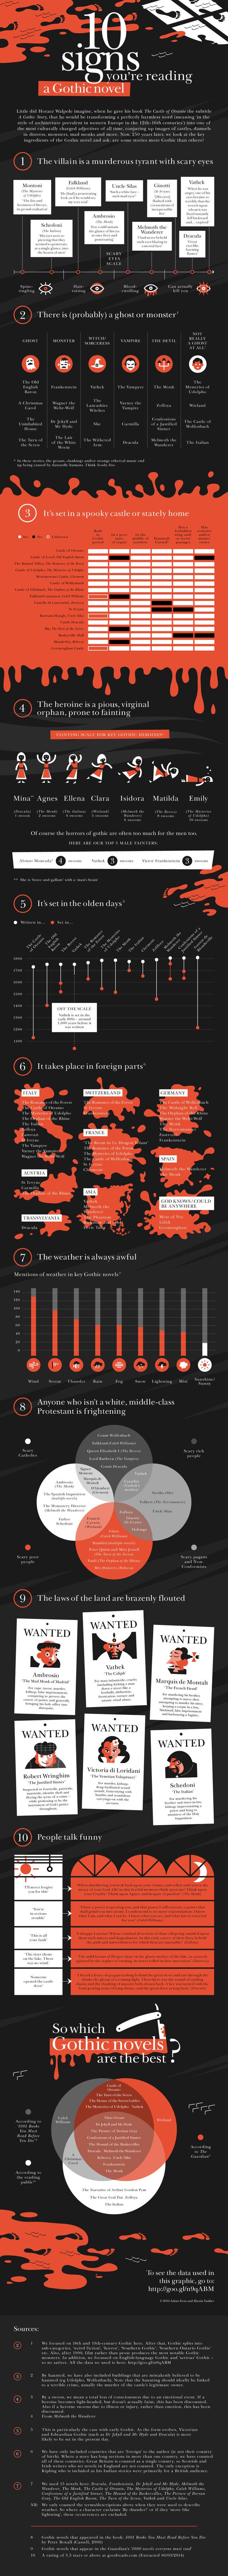 10 mejores infografías de 2014